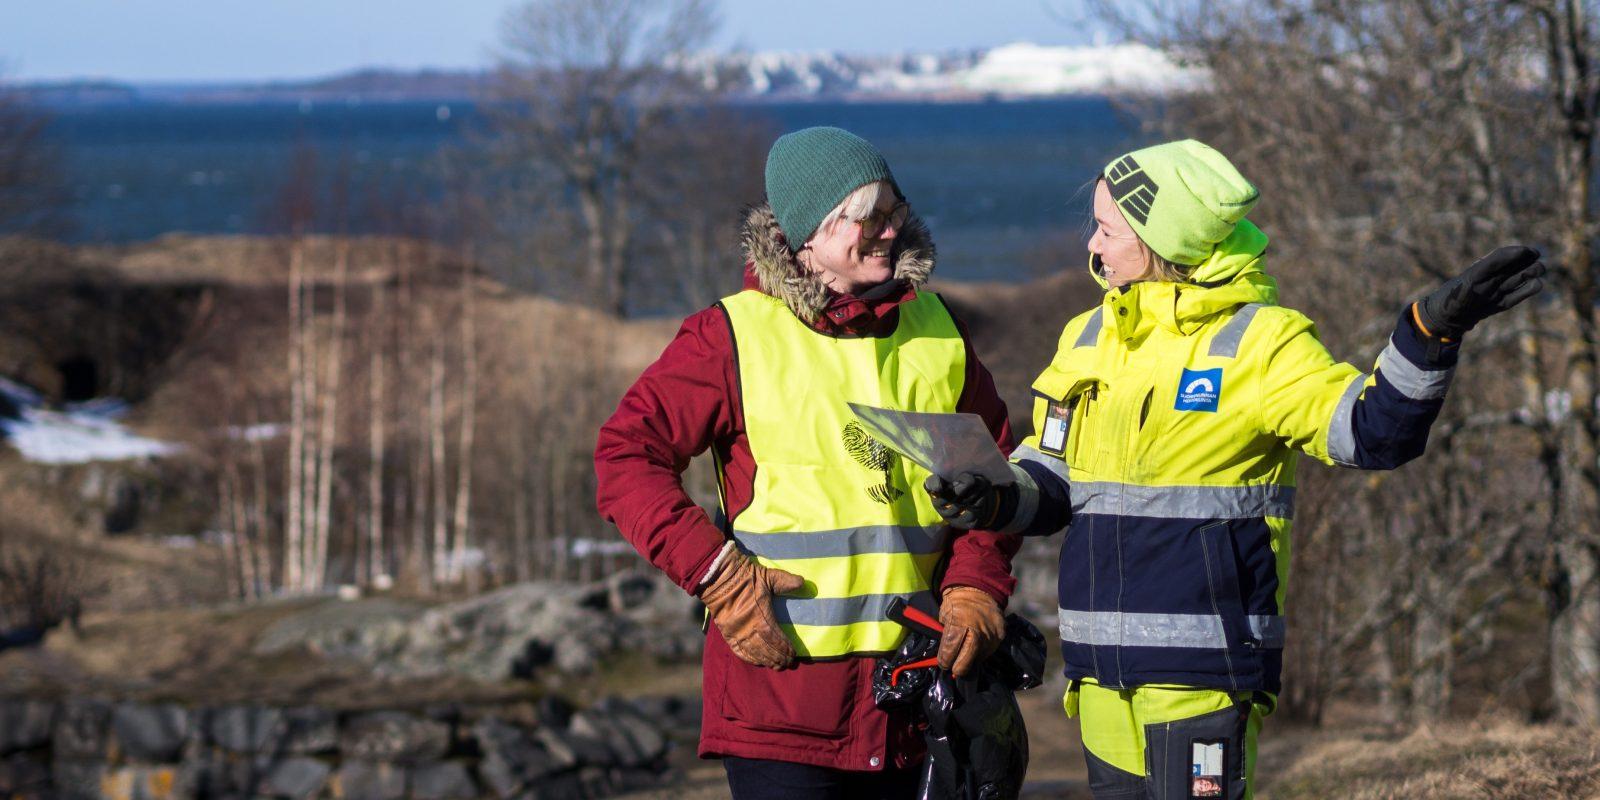 Puistokummiohjaaja opastaa puistokummia , taustalla Suomenlinnan maisemaa.